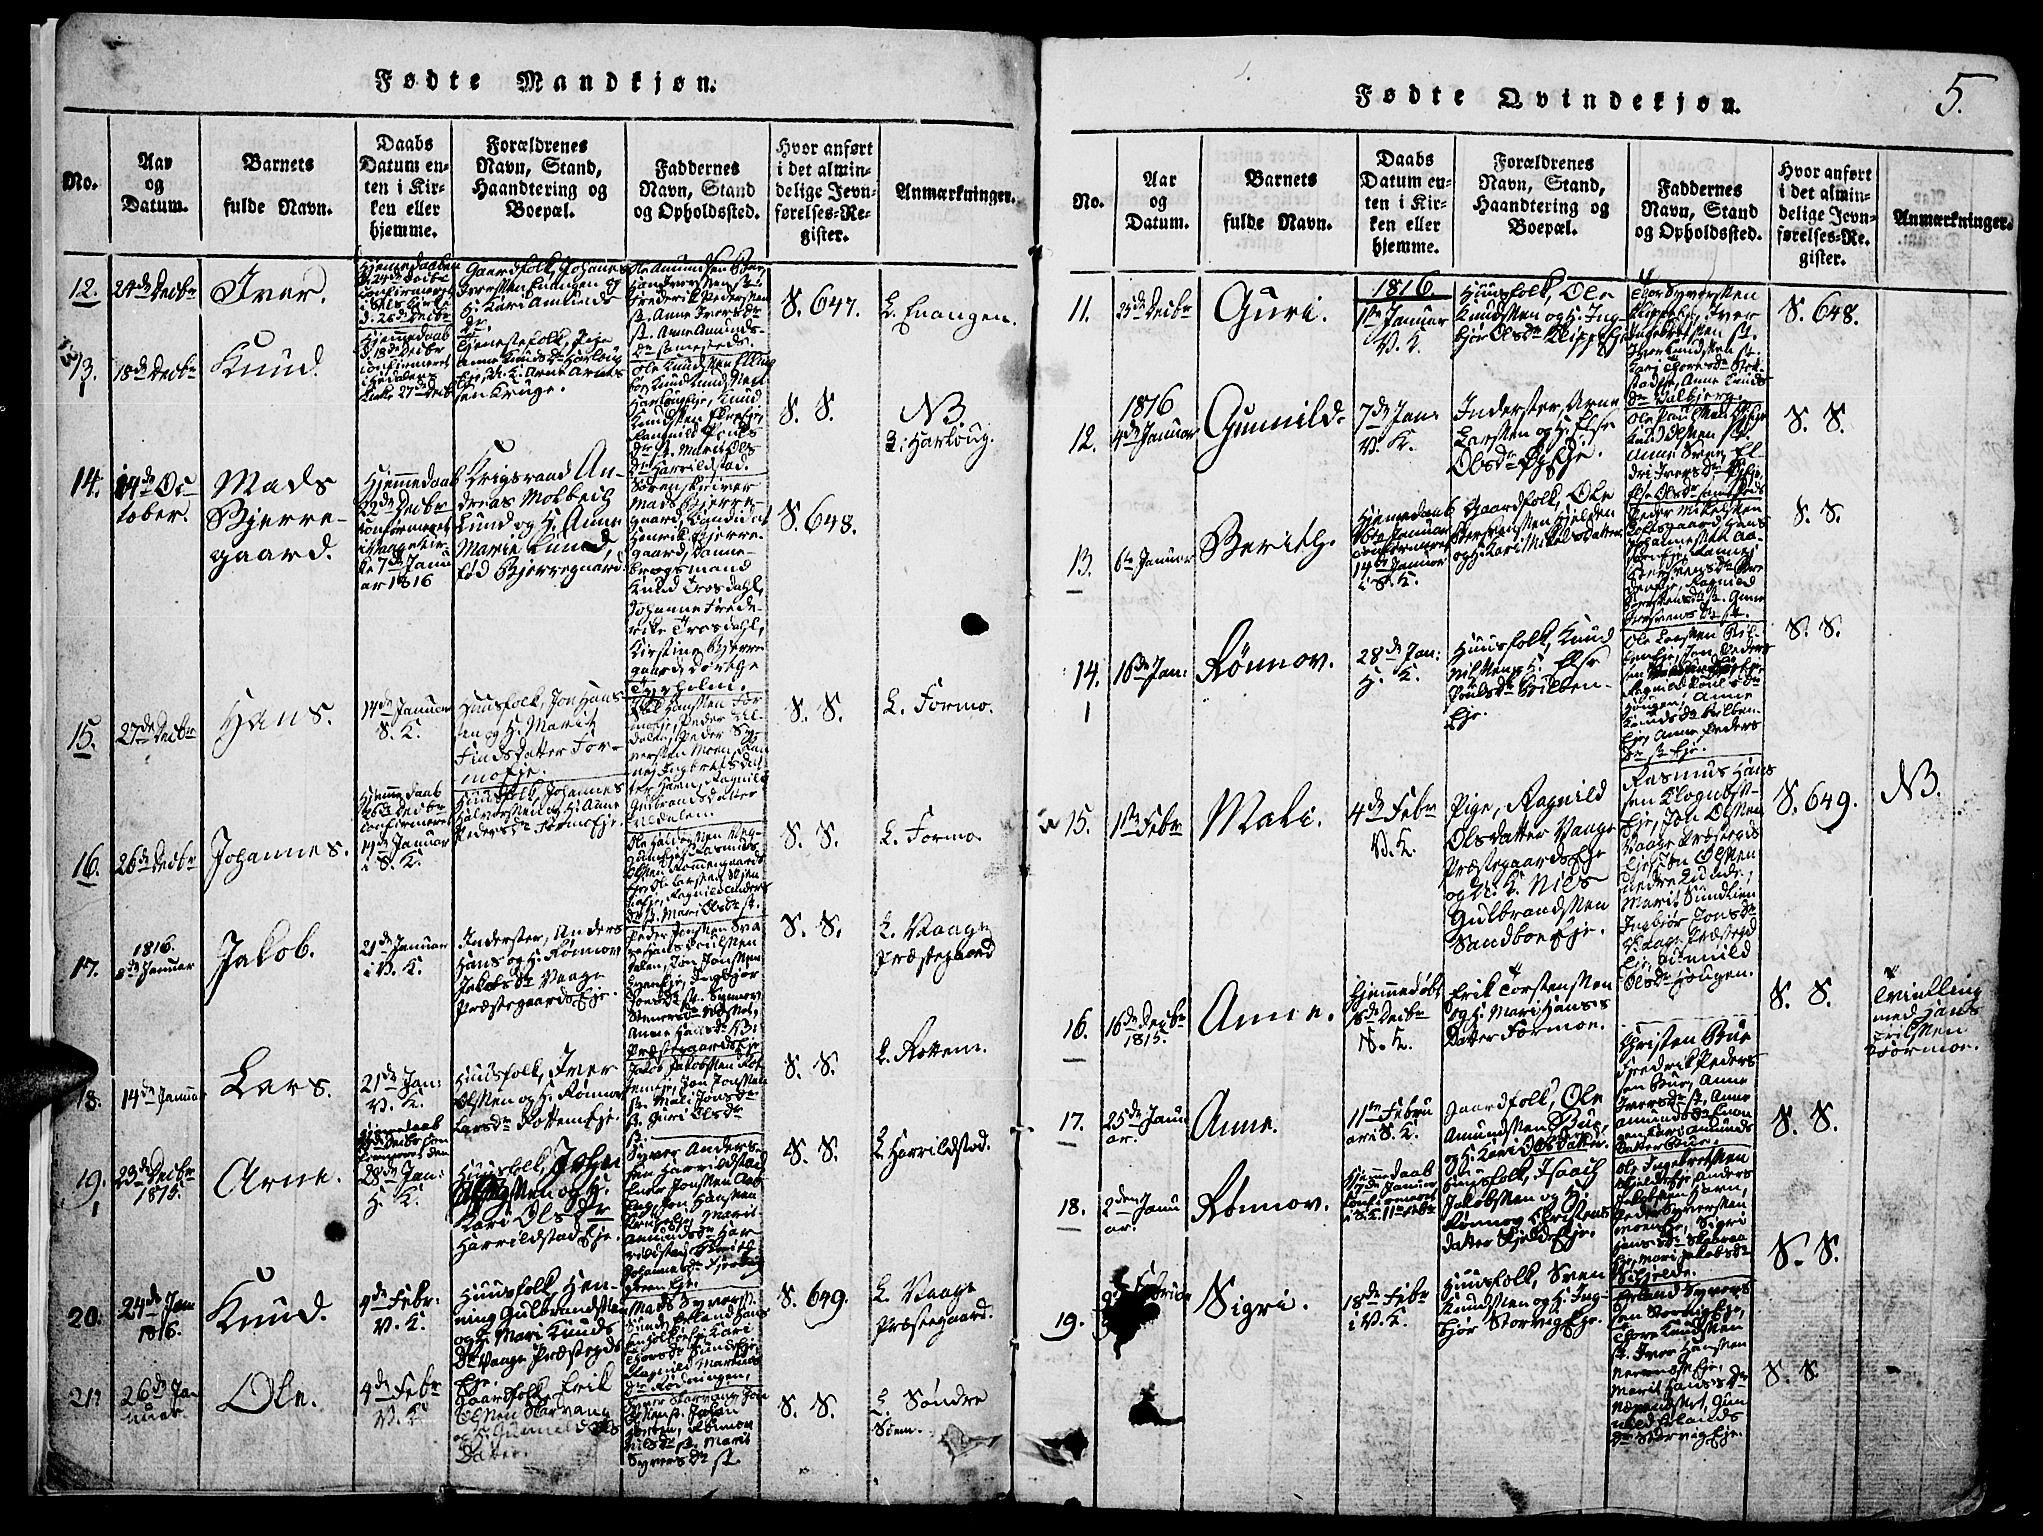 SAH, Vågå prestekontor, Klokkerbok nr. 1, 1815-1827, s. 4-5